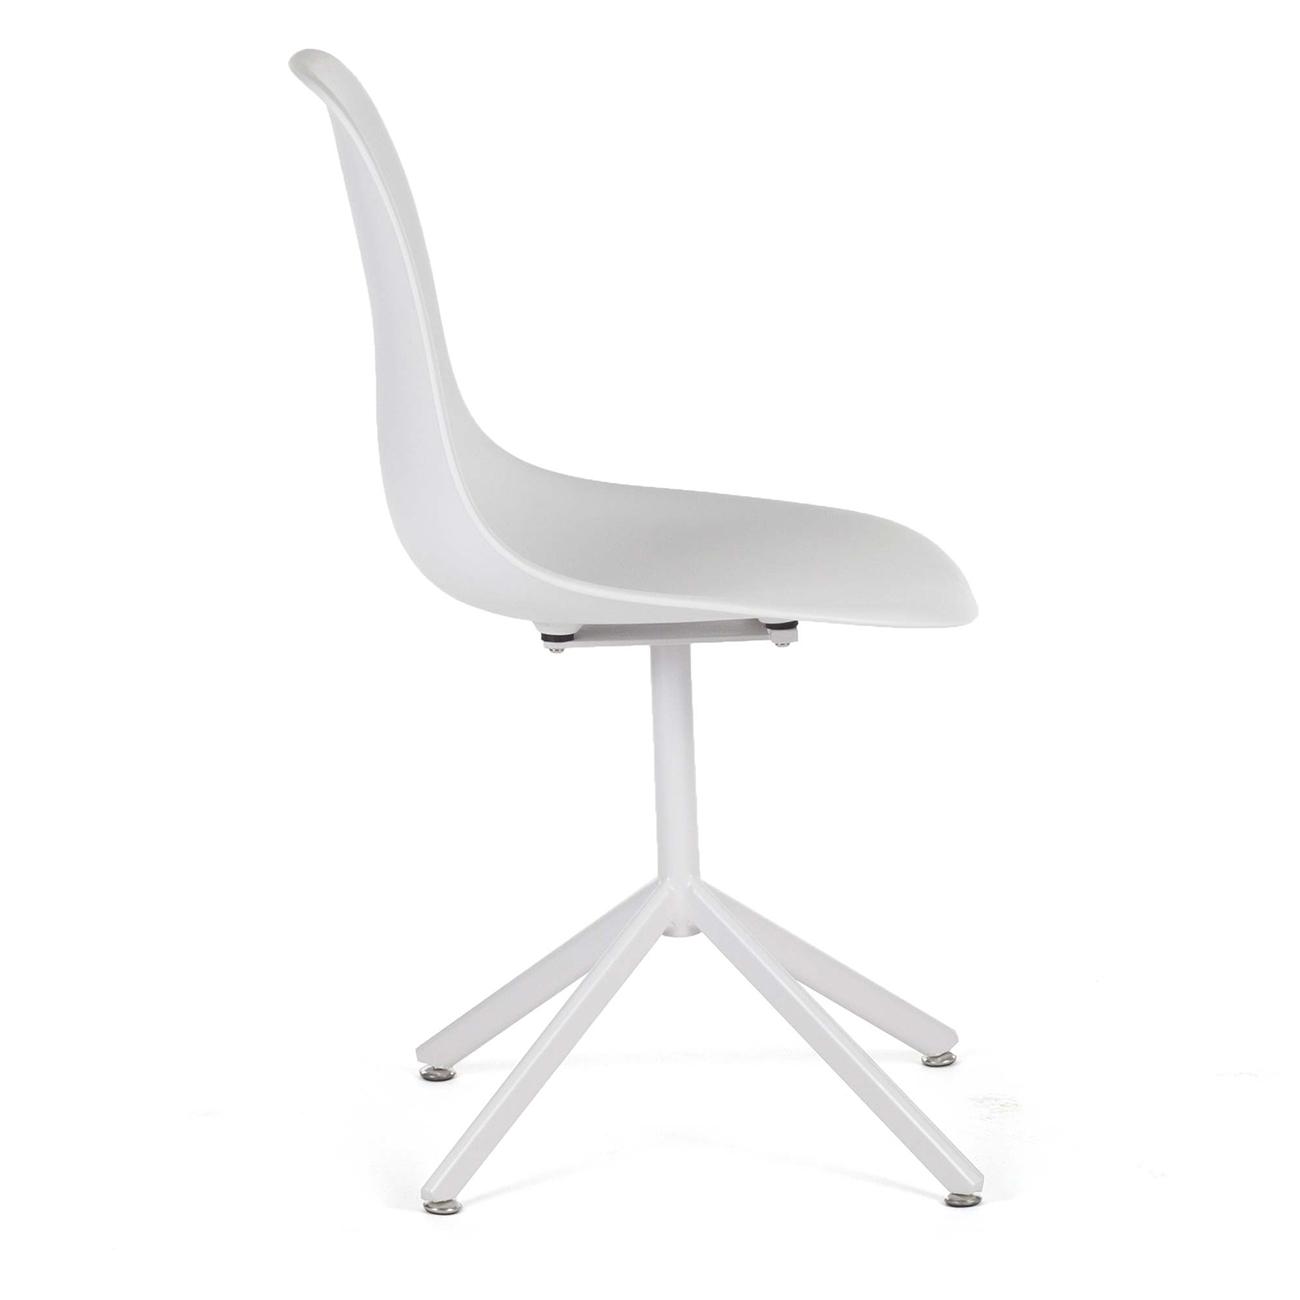 Sedia design sedia d ufficio mobili retro da pranzo for Sedia design ebay